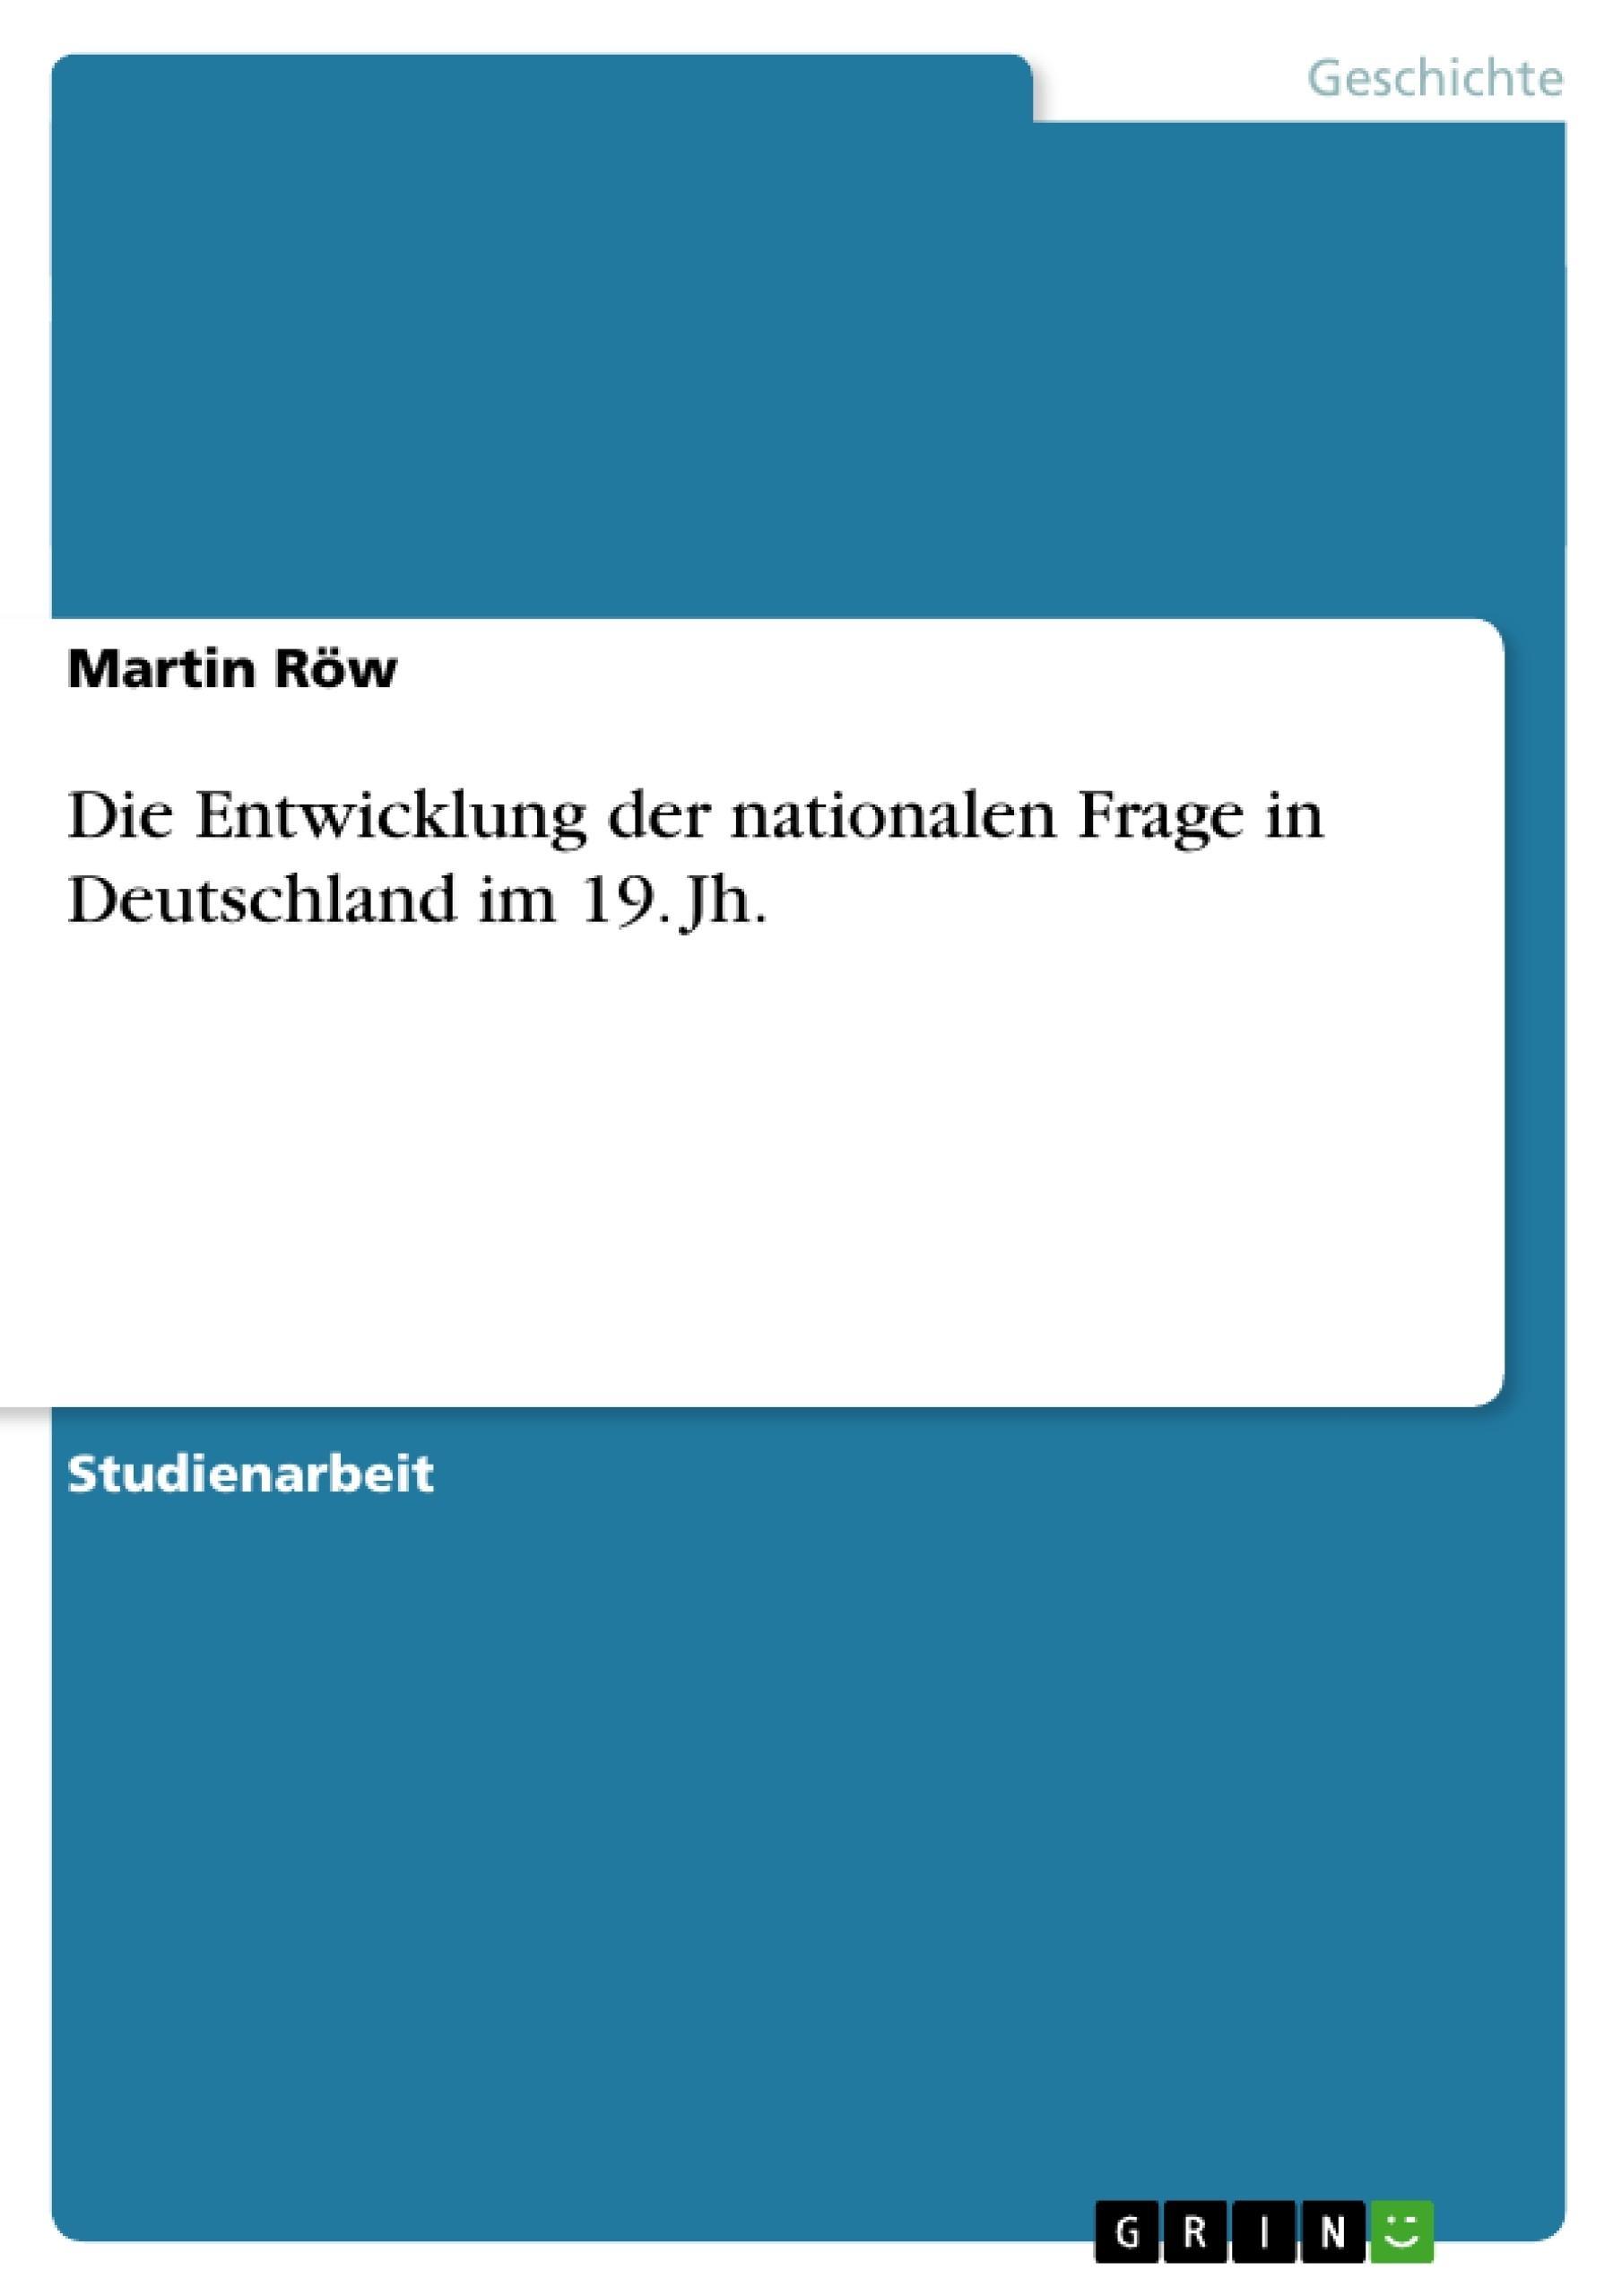 Titel: Die Entwicklung der nationalen Frage in Deutschland im 19. Jh.